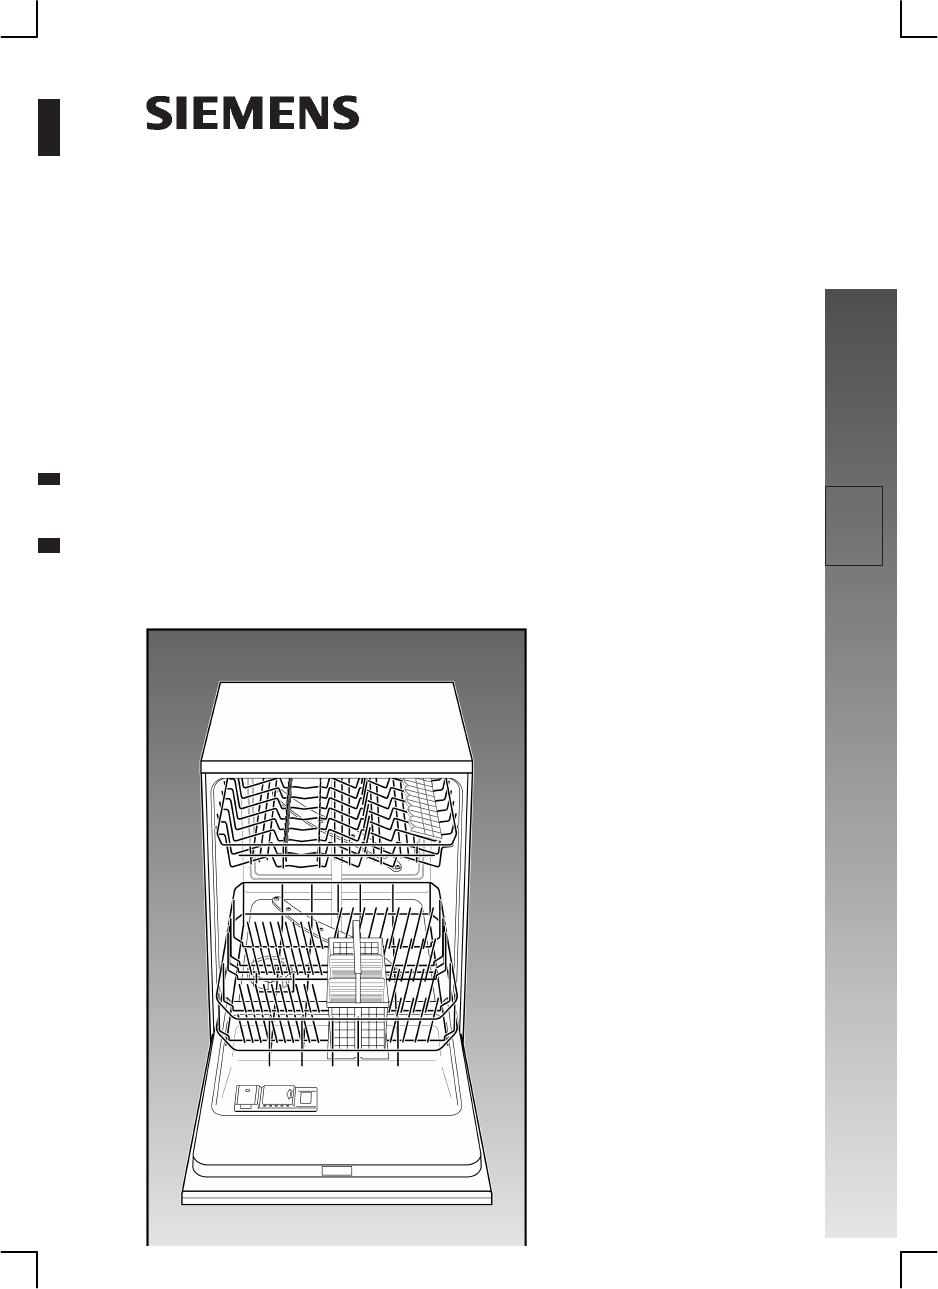 handleiding siemens se64a560 pagina 1 van 28 nederlands. Black Bedroom Furniture Sets. Home Design Ideas